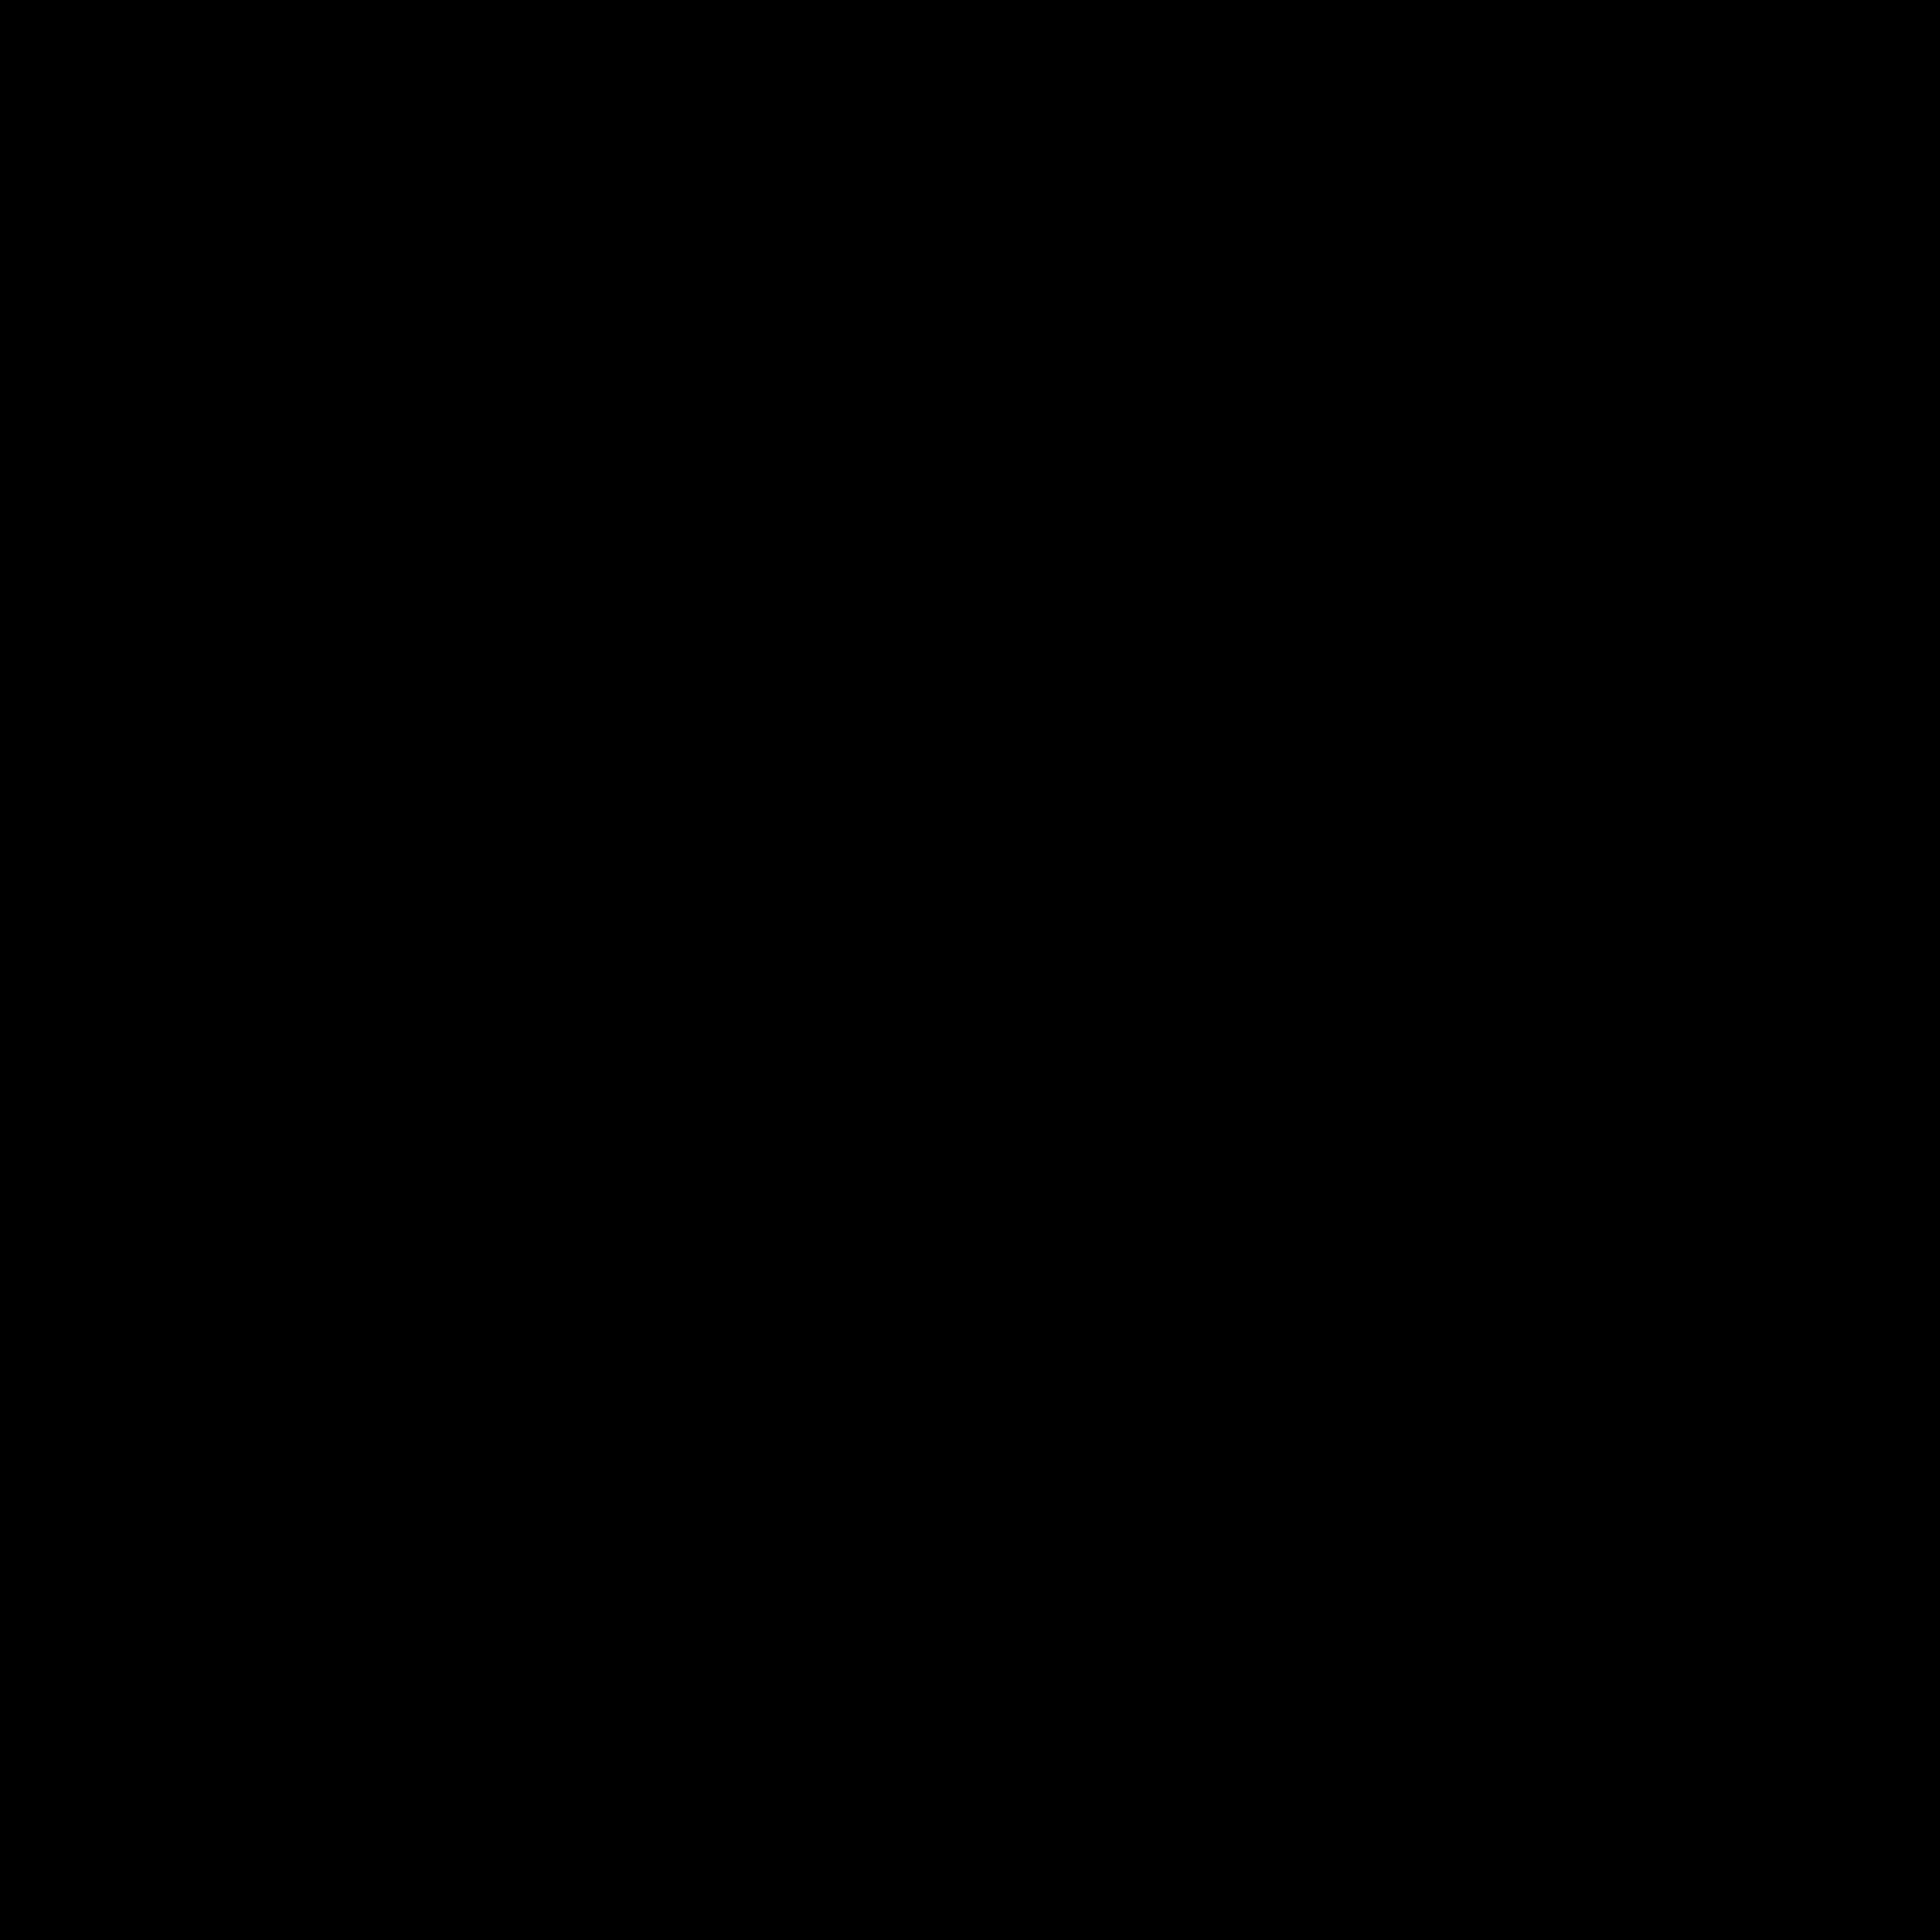 Logo @bitquick - Bitquick - bitquick.com